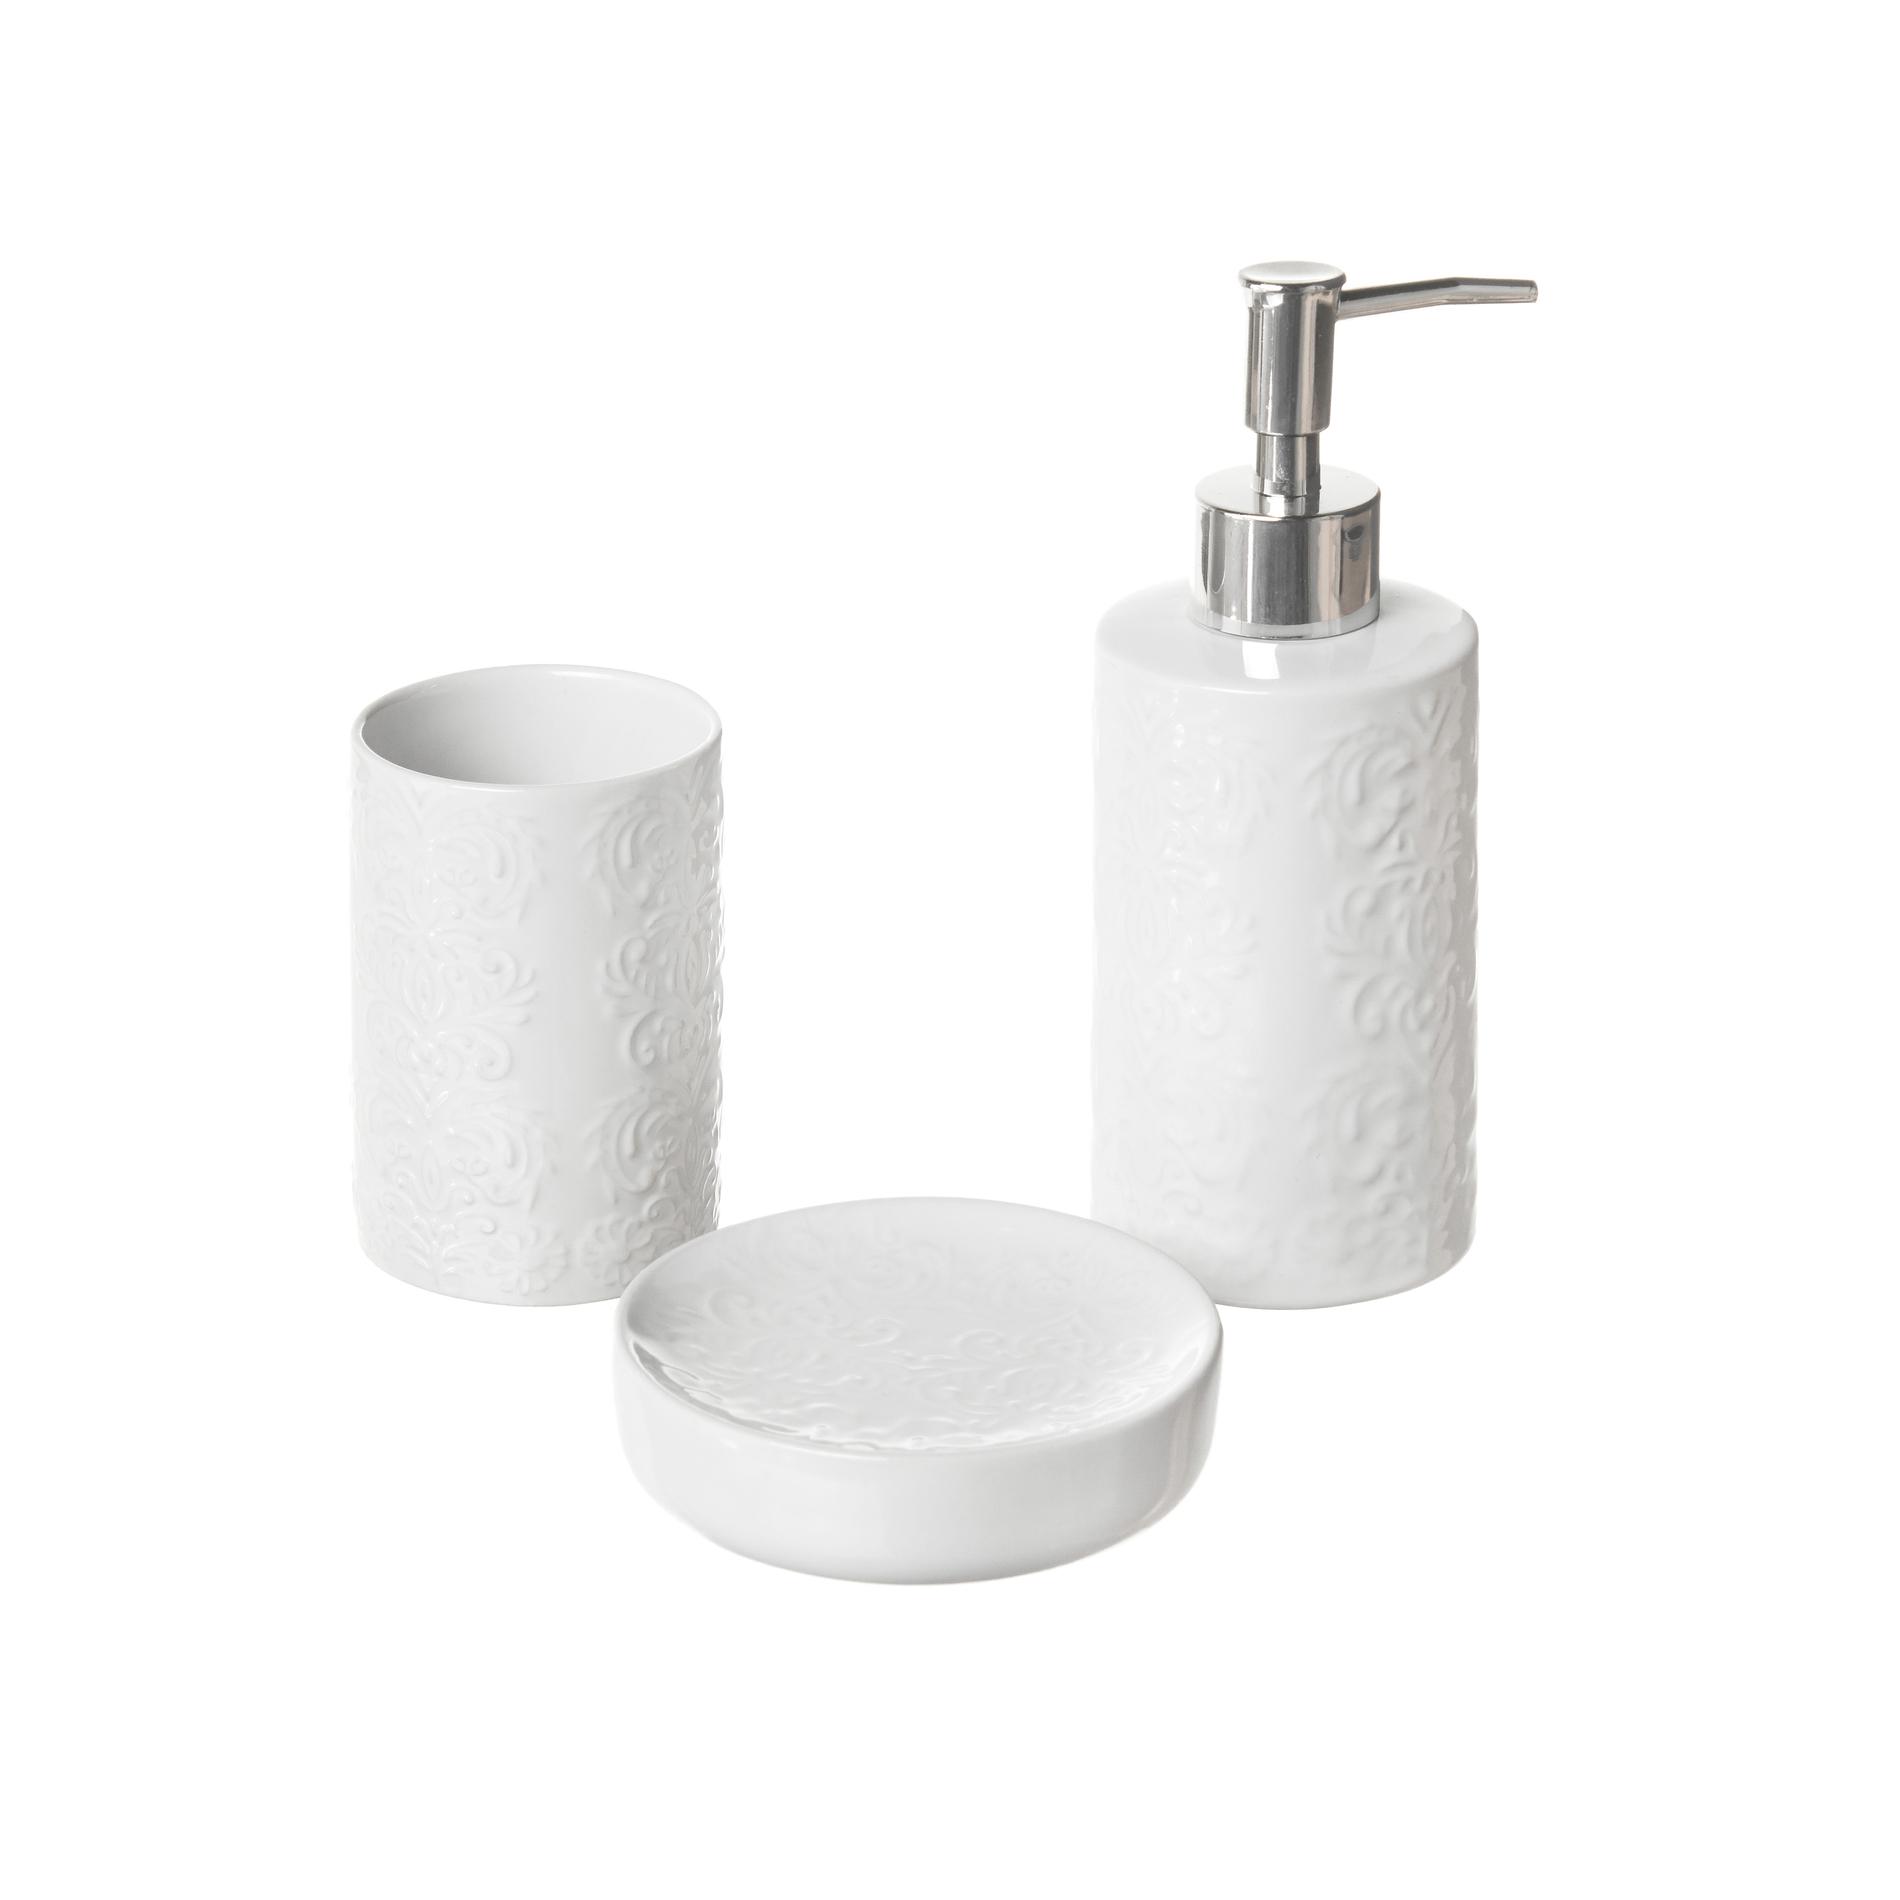 Set of 3 ceramic bathroom accessories - coincasa